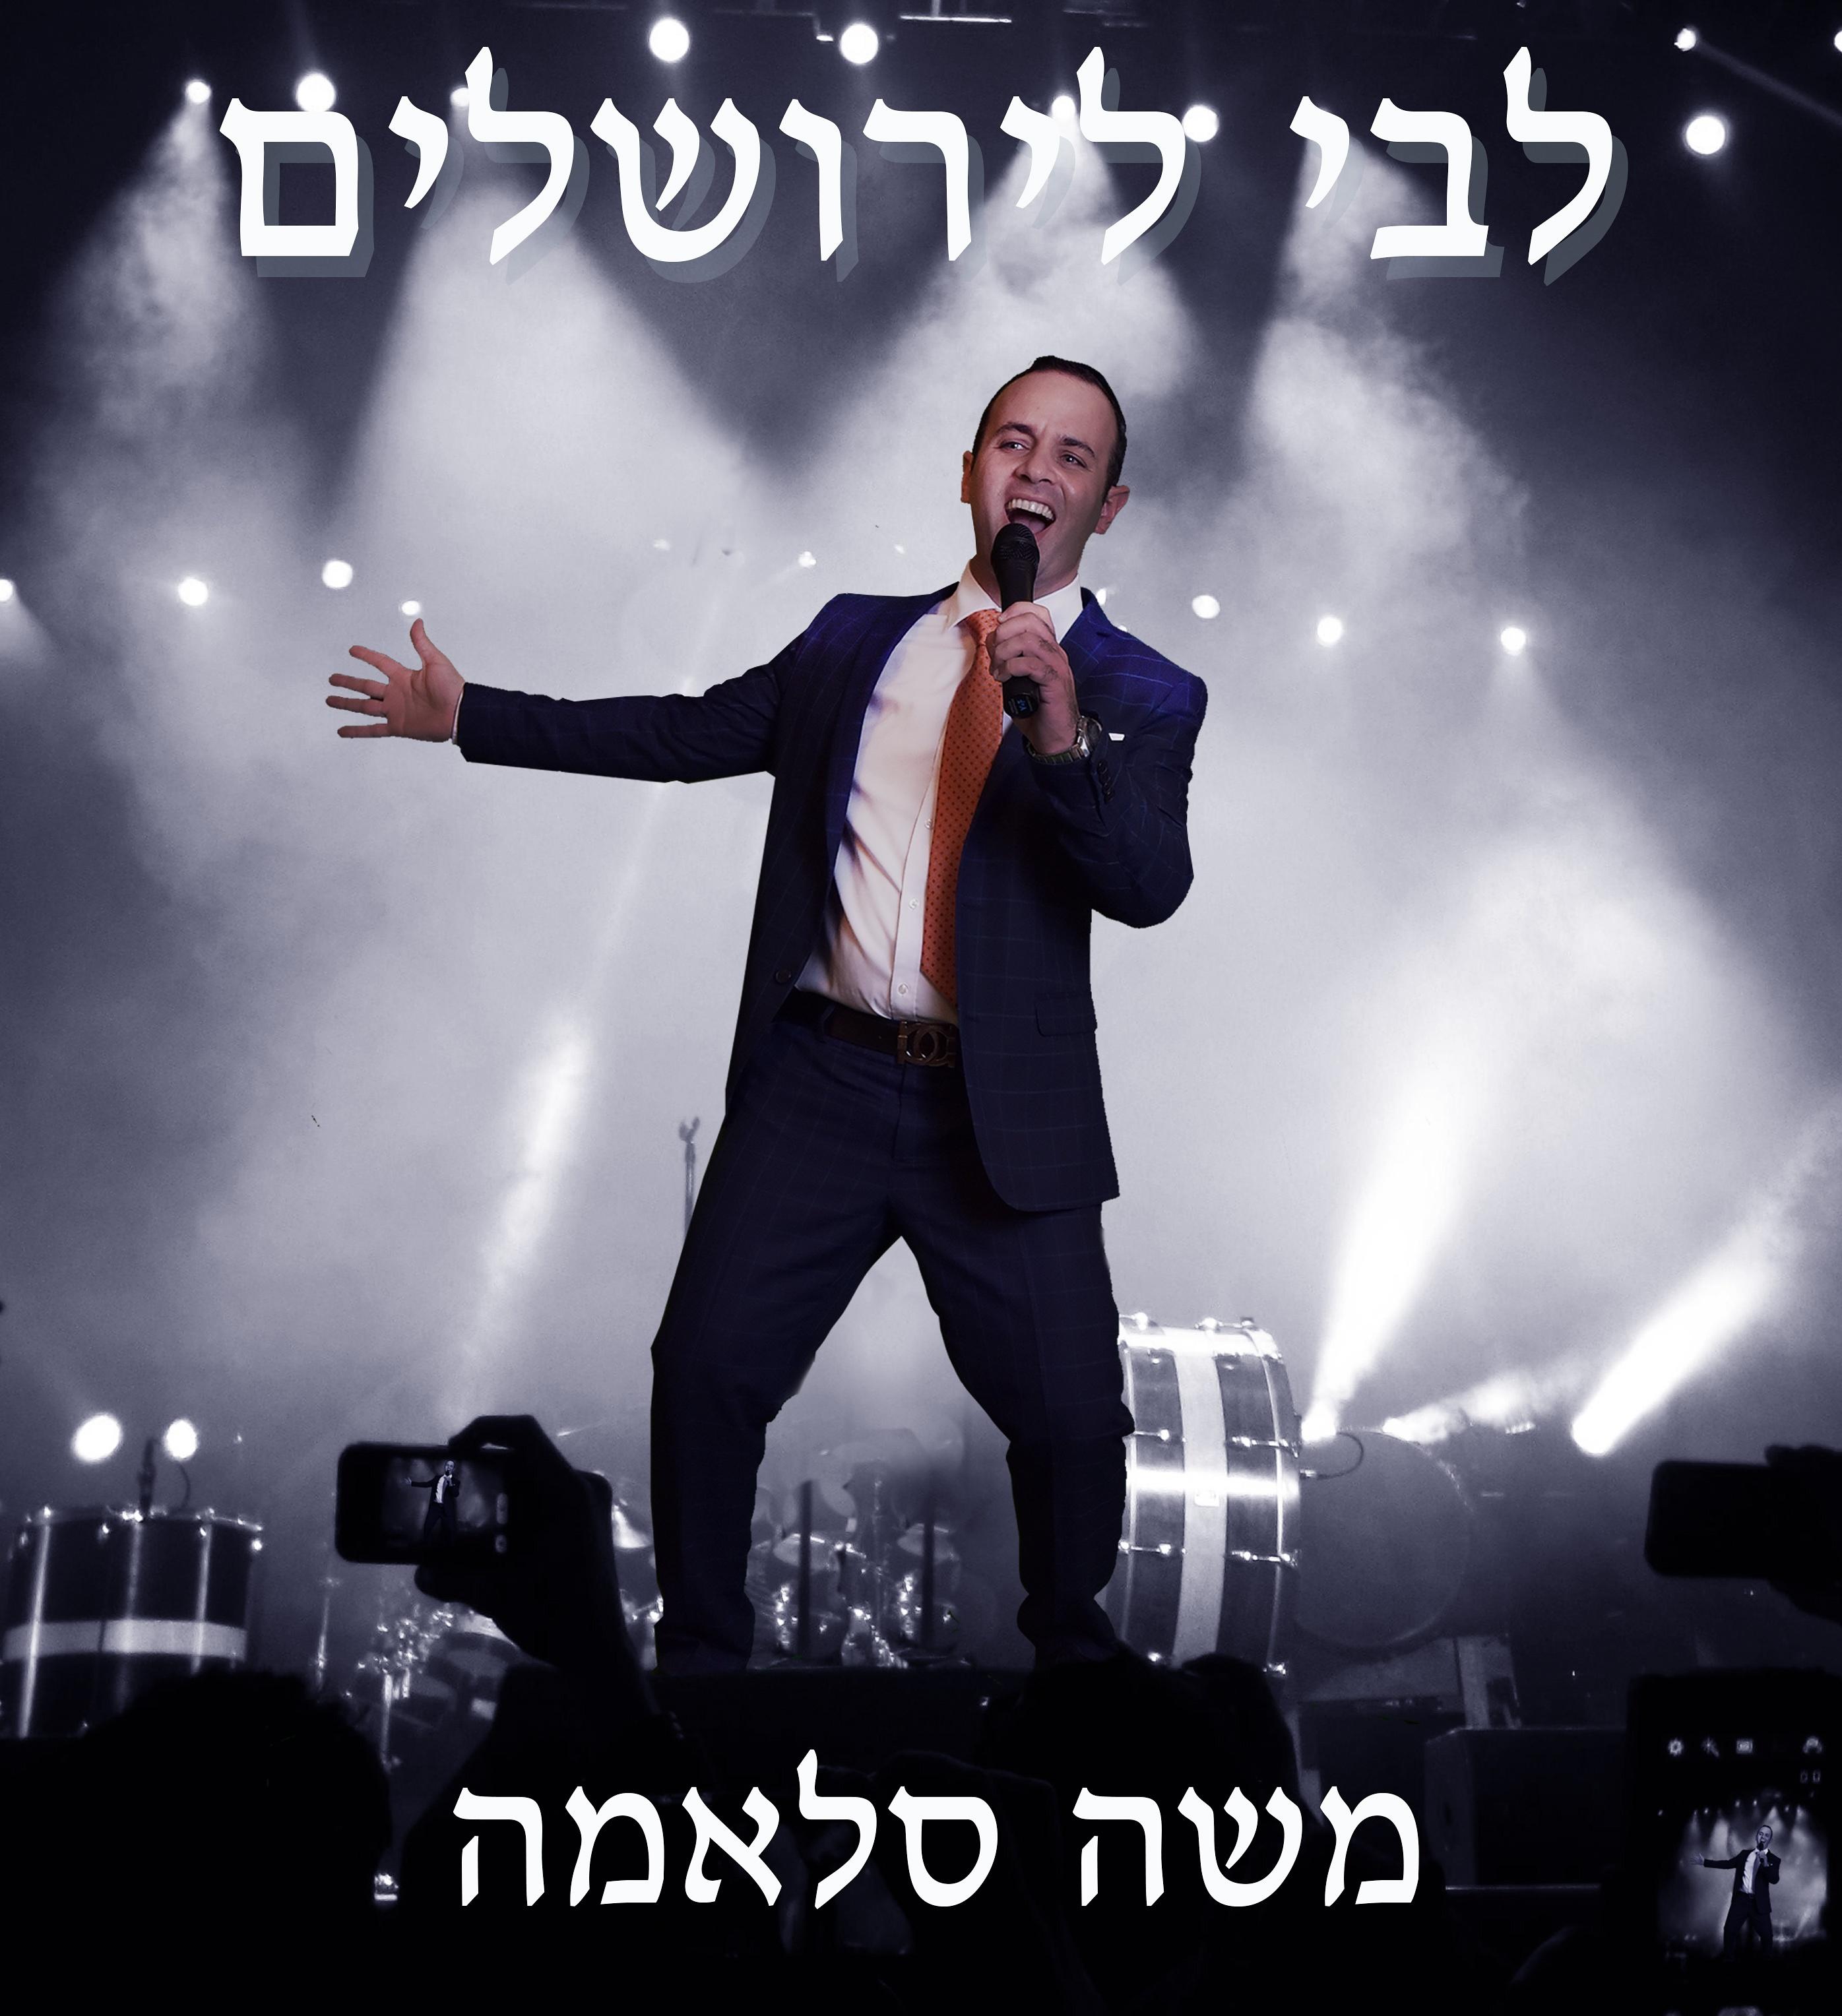 האזינו לשירו החדש של 'משה סלאמה': 'לבי לירושלים'